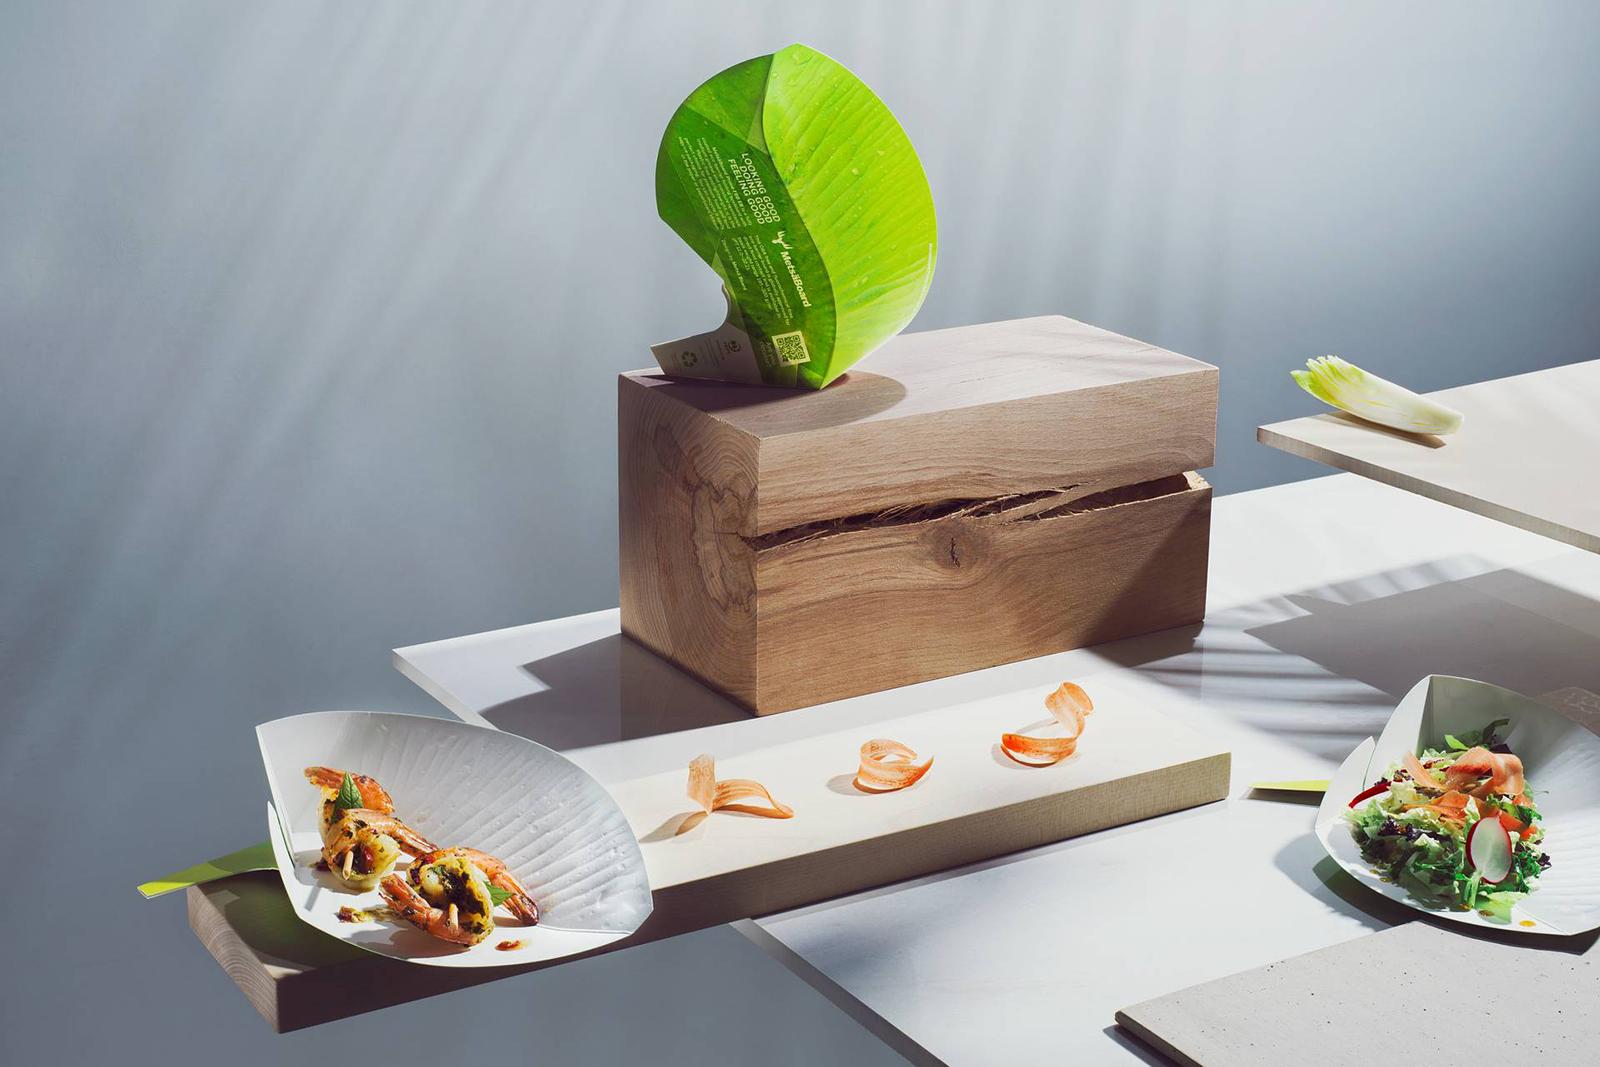 Muoviton ecobarrier-kartonki sopii kartonkikierrätykseen. Kuva: Metsä Group